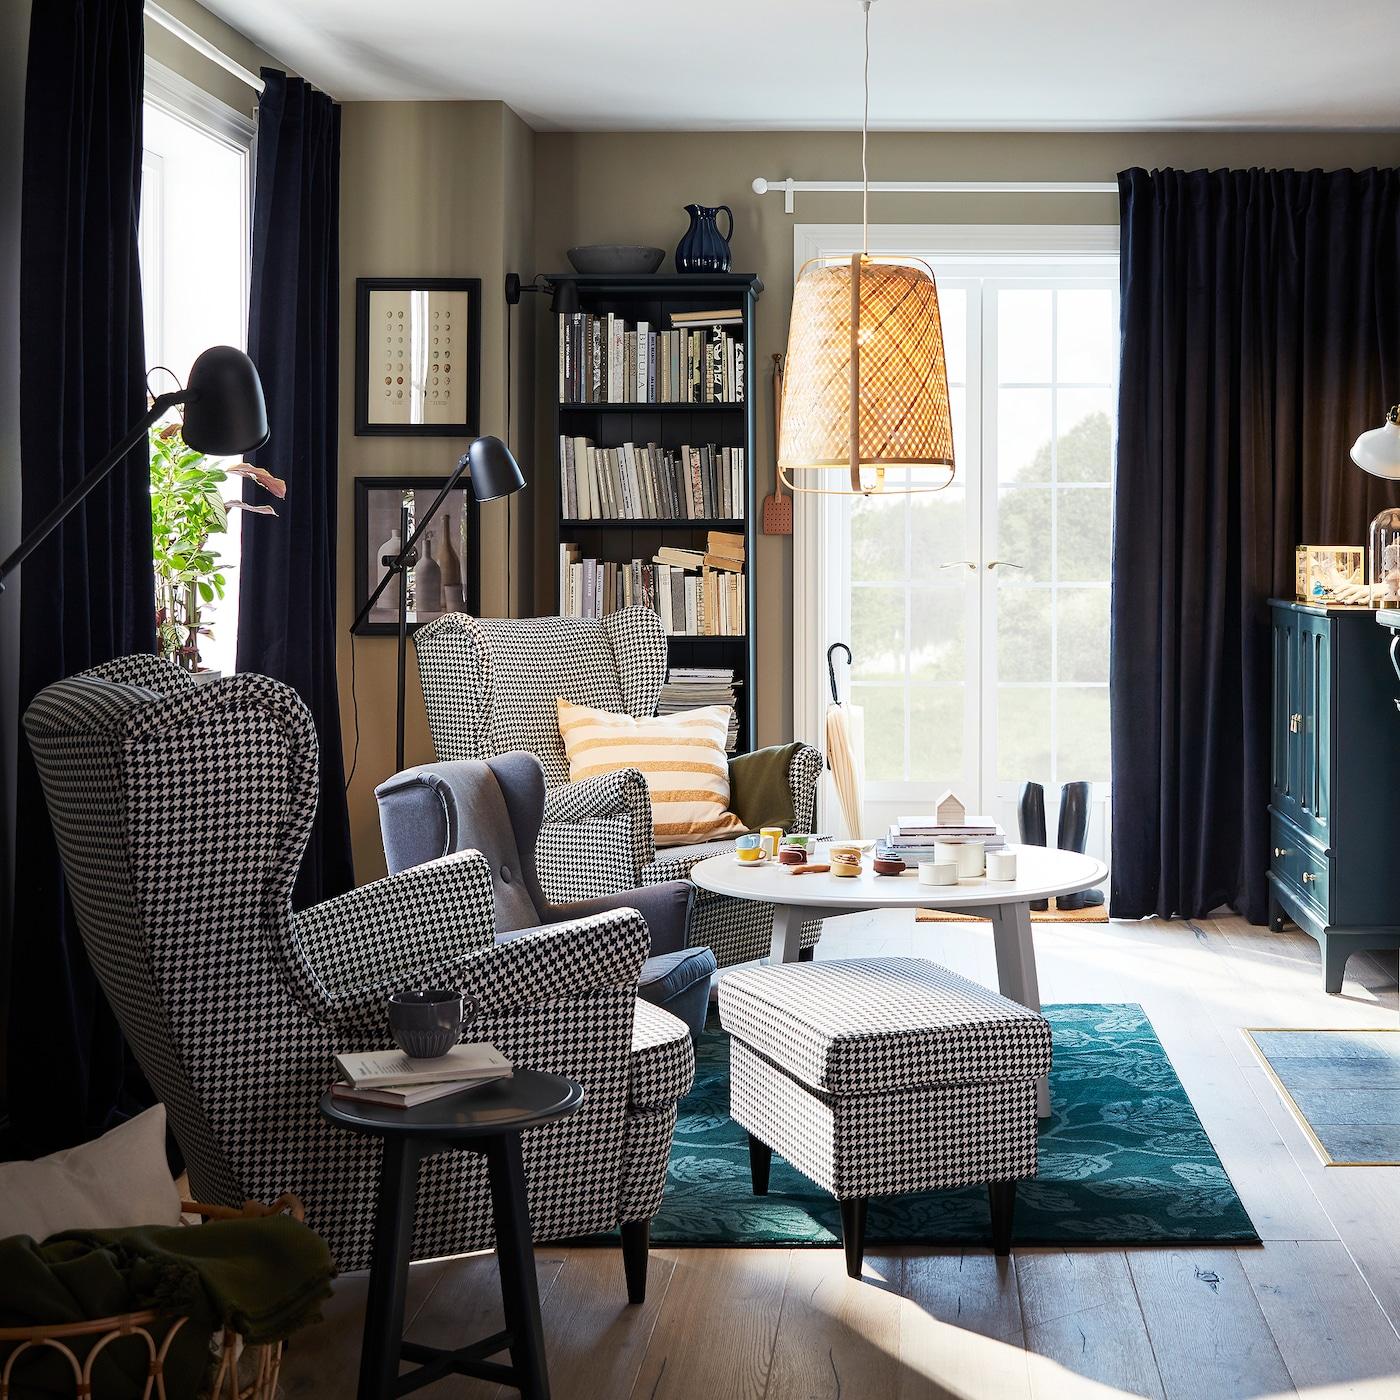 客厅摆放着两张犬牙图案靠背椅、绿色地毯、竹质吊灯和圆茶几。